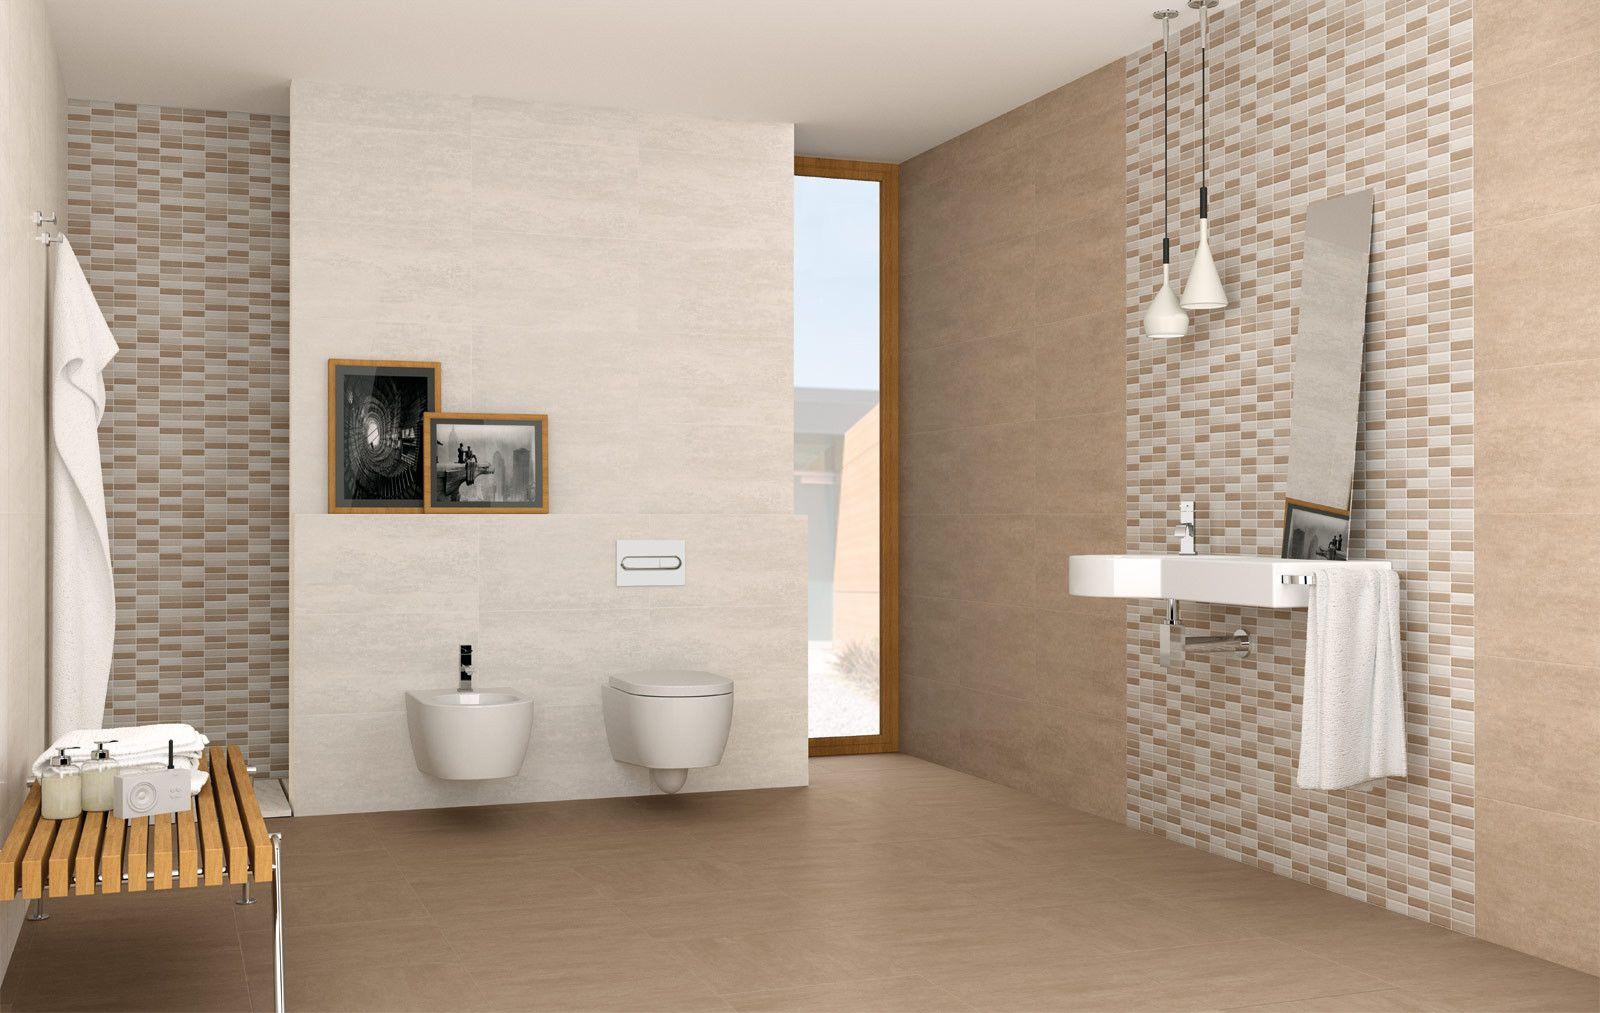 Marazzi Fliesen marazzi serpal beige 33x60 cm dawj feinsteinzeug betonoptik